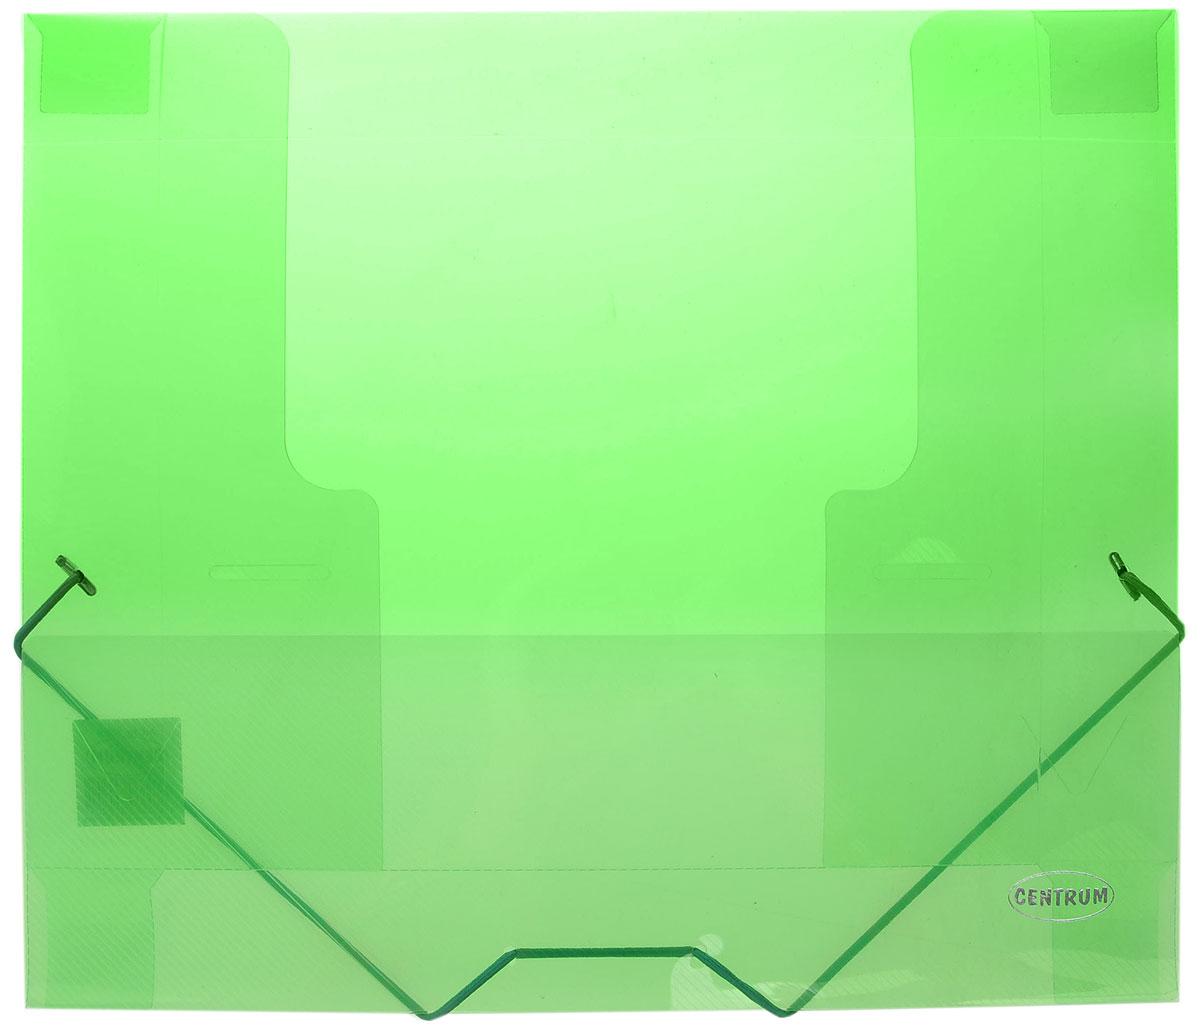 Centrum Папка на резинке формат А4 цвет зеленый80020_зеленыйПапка на резинке Centrum станет вашим верным помощником дома и в офисе. Это удобный и функциональный инструмент, предназначенный для хранения и транспортировки больших объемов рабочих бумаг и документов формата А4.Папка изготовлена из износостойкого высококачественного пластика. Состоит из одного вместительного отделения. Закрывается папка при помощи прочной резинки.Папка - это незаменимый атрибут для любого студента, школьника или офисного работника. Такая папка надежно сохранит ваши бумаги и сбережет их от повреждений, пыли и влаги.